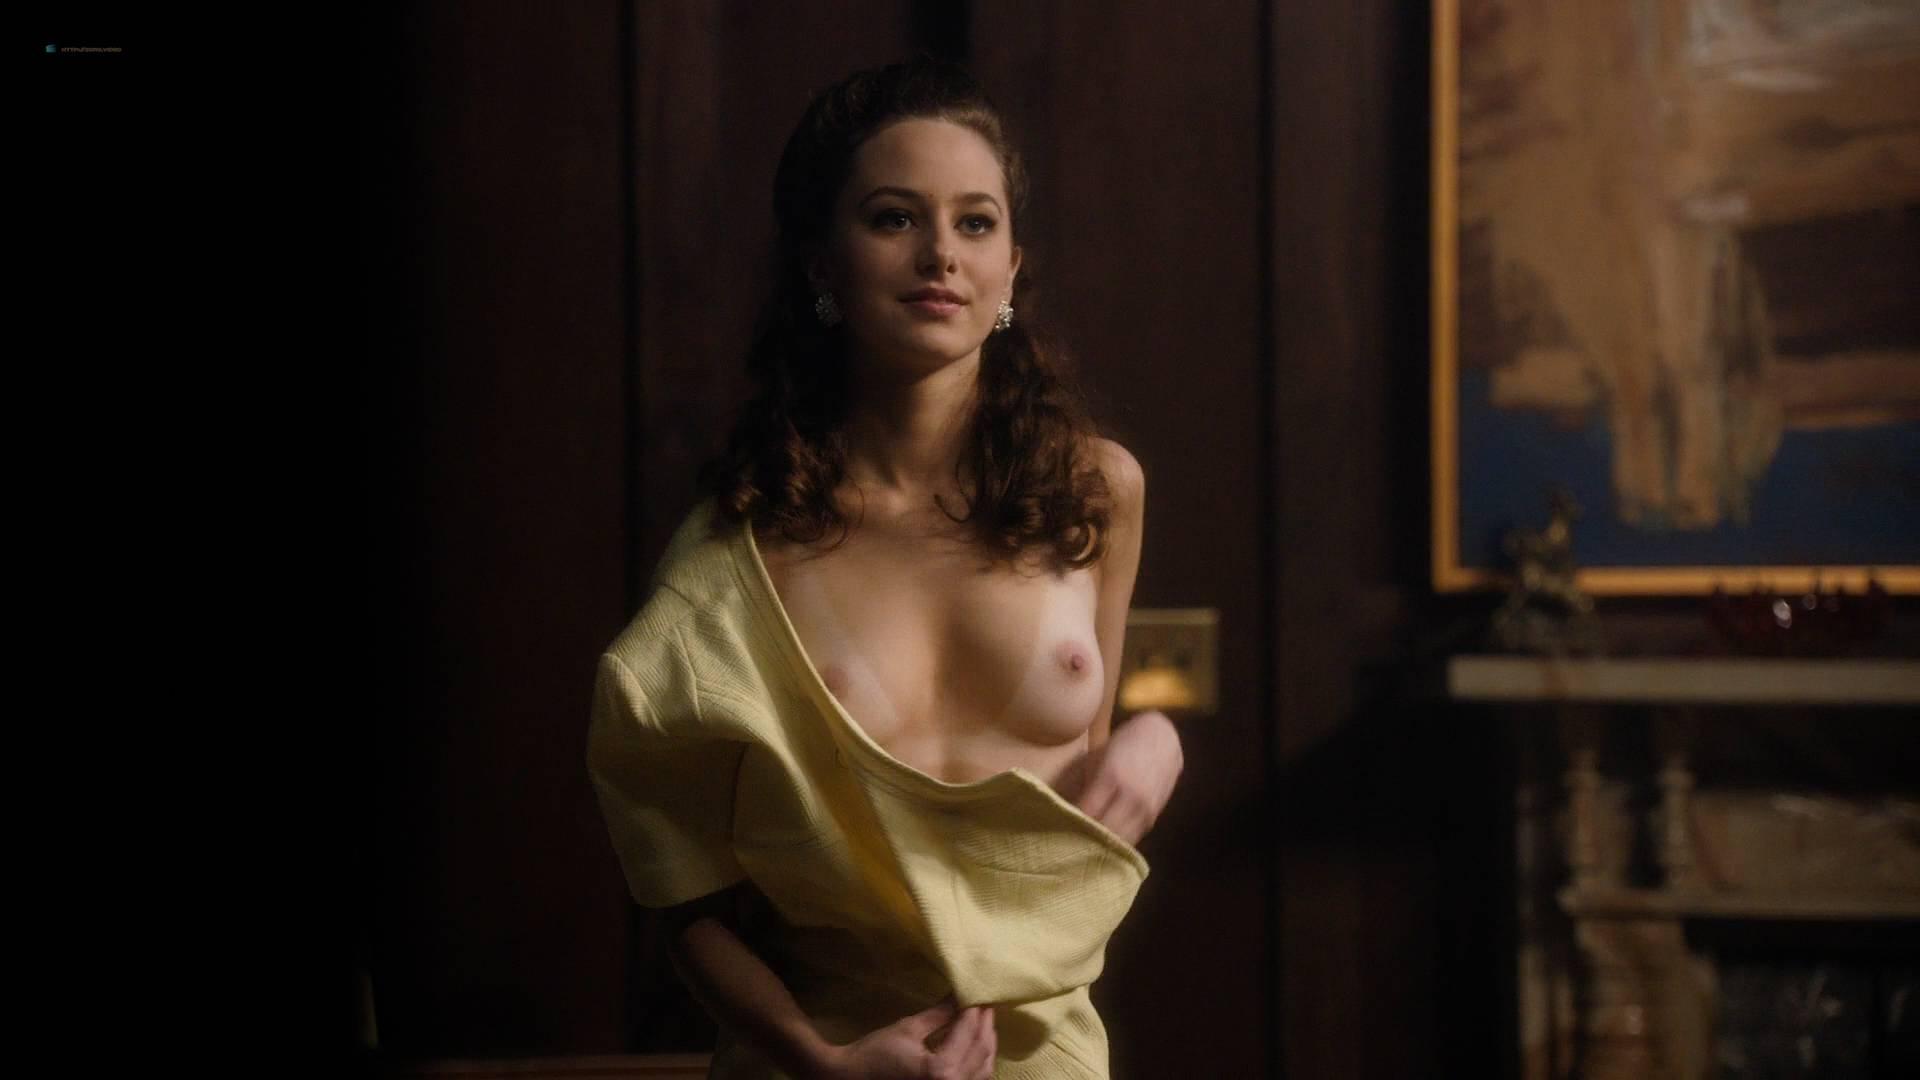 Playboy sophia dinu Sophie Monk